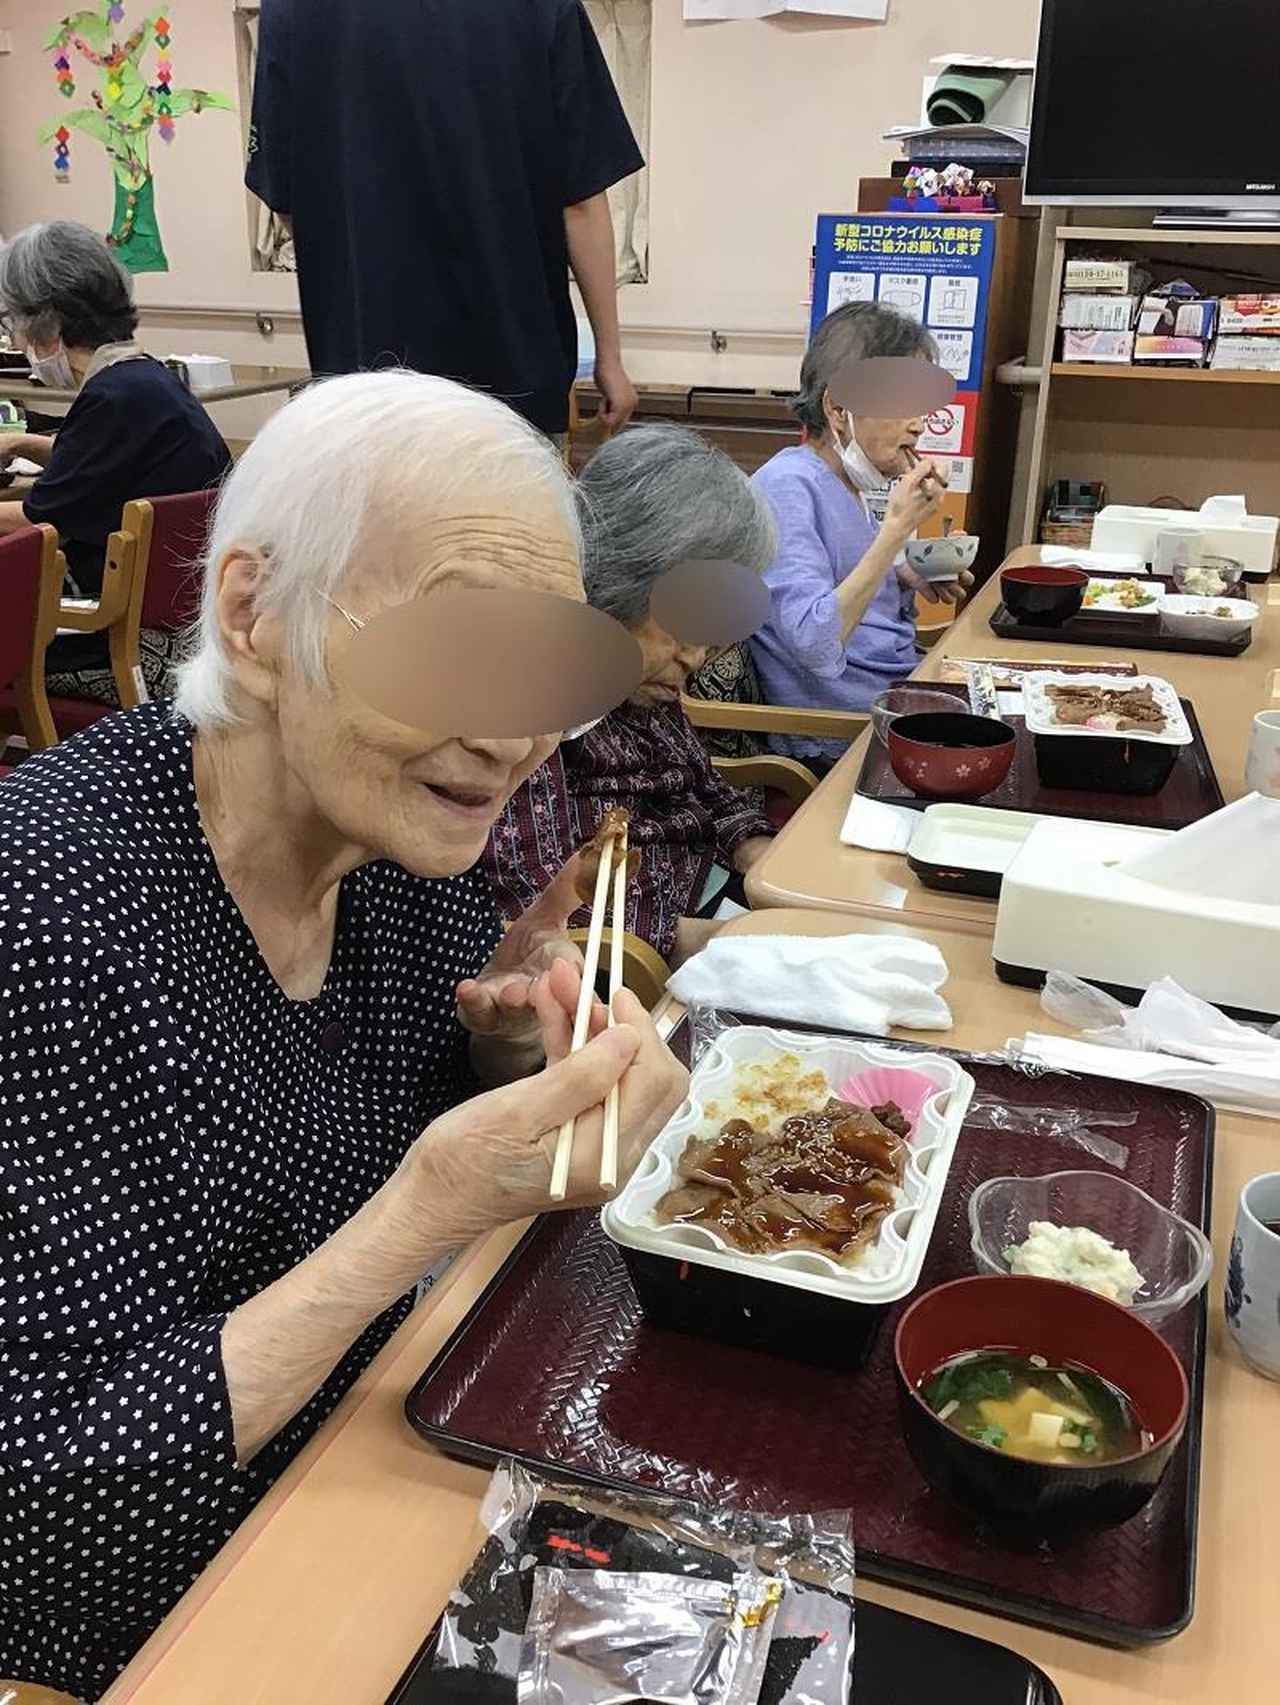 画像4: 美味しんぼ倶楽部は牛タン「利休」さんのお弁当